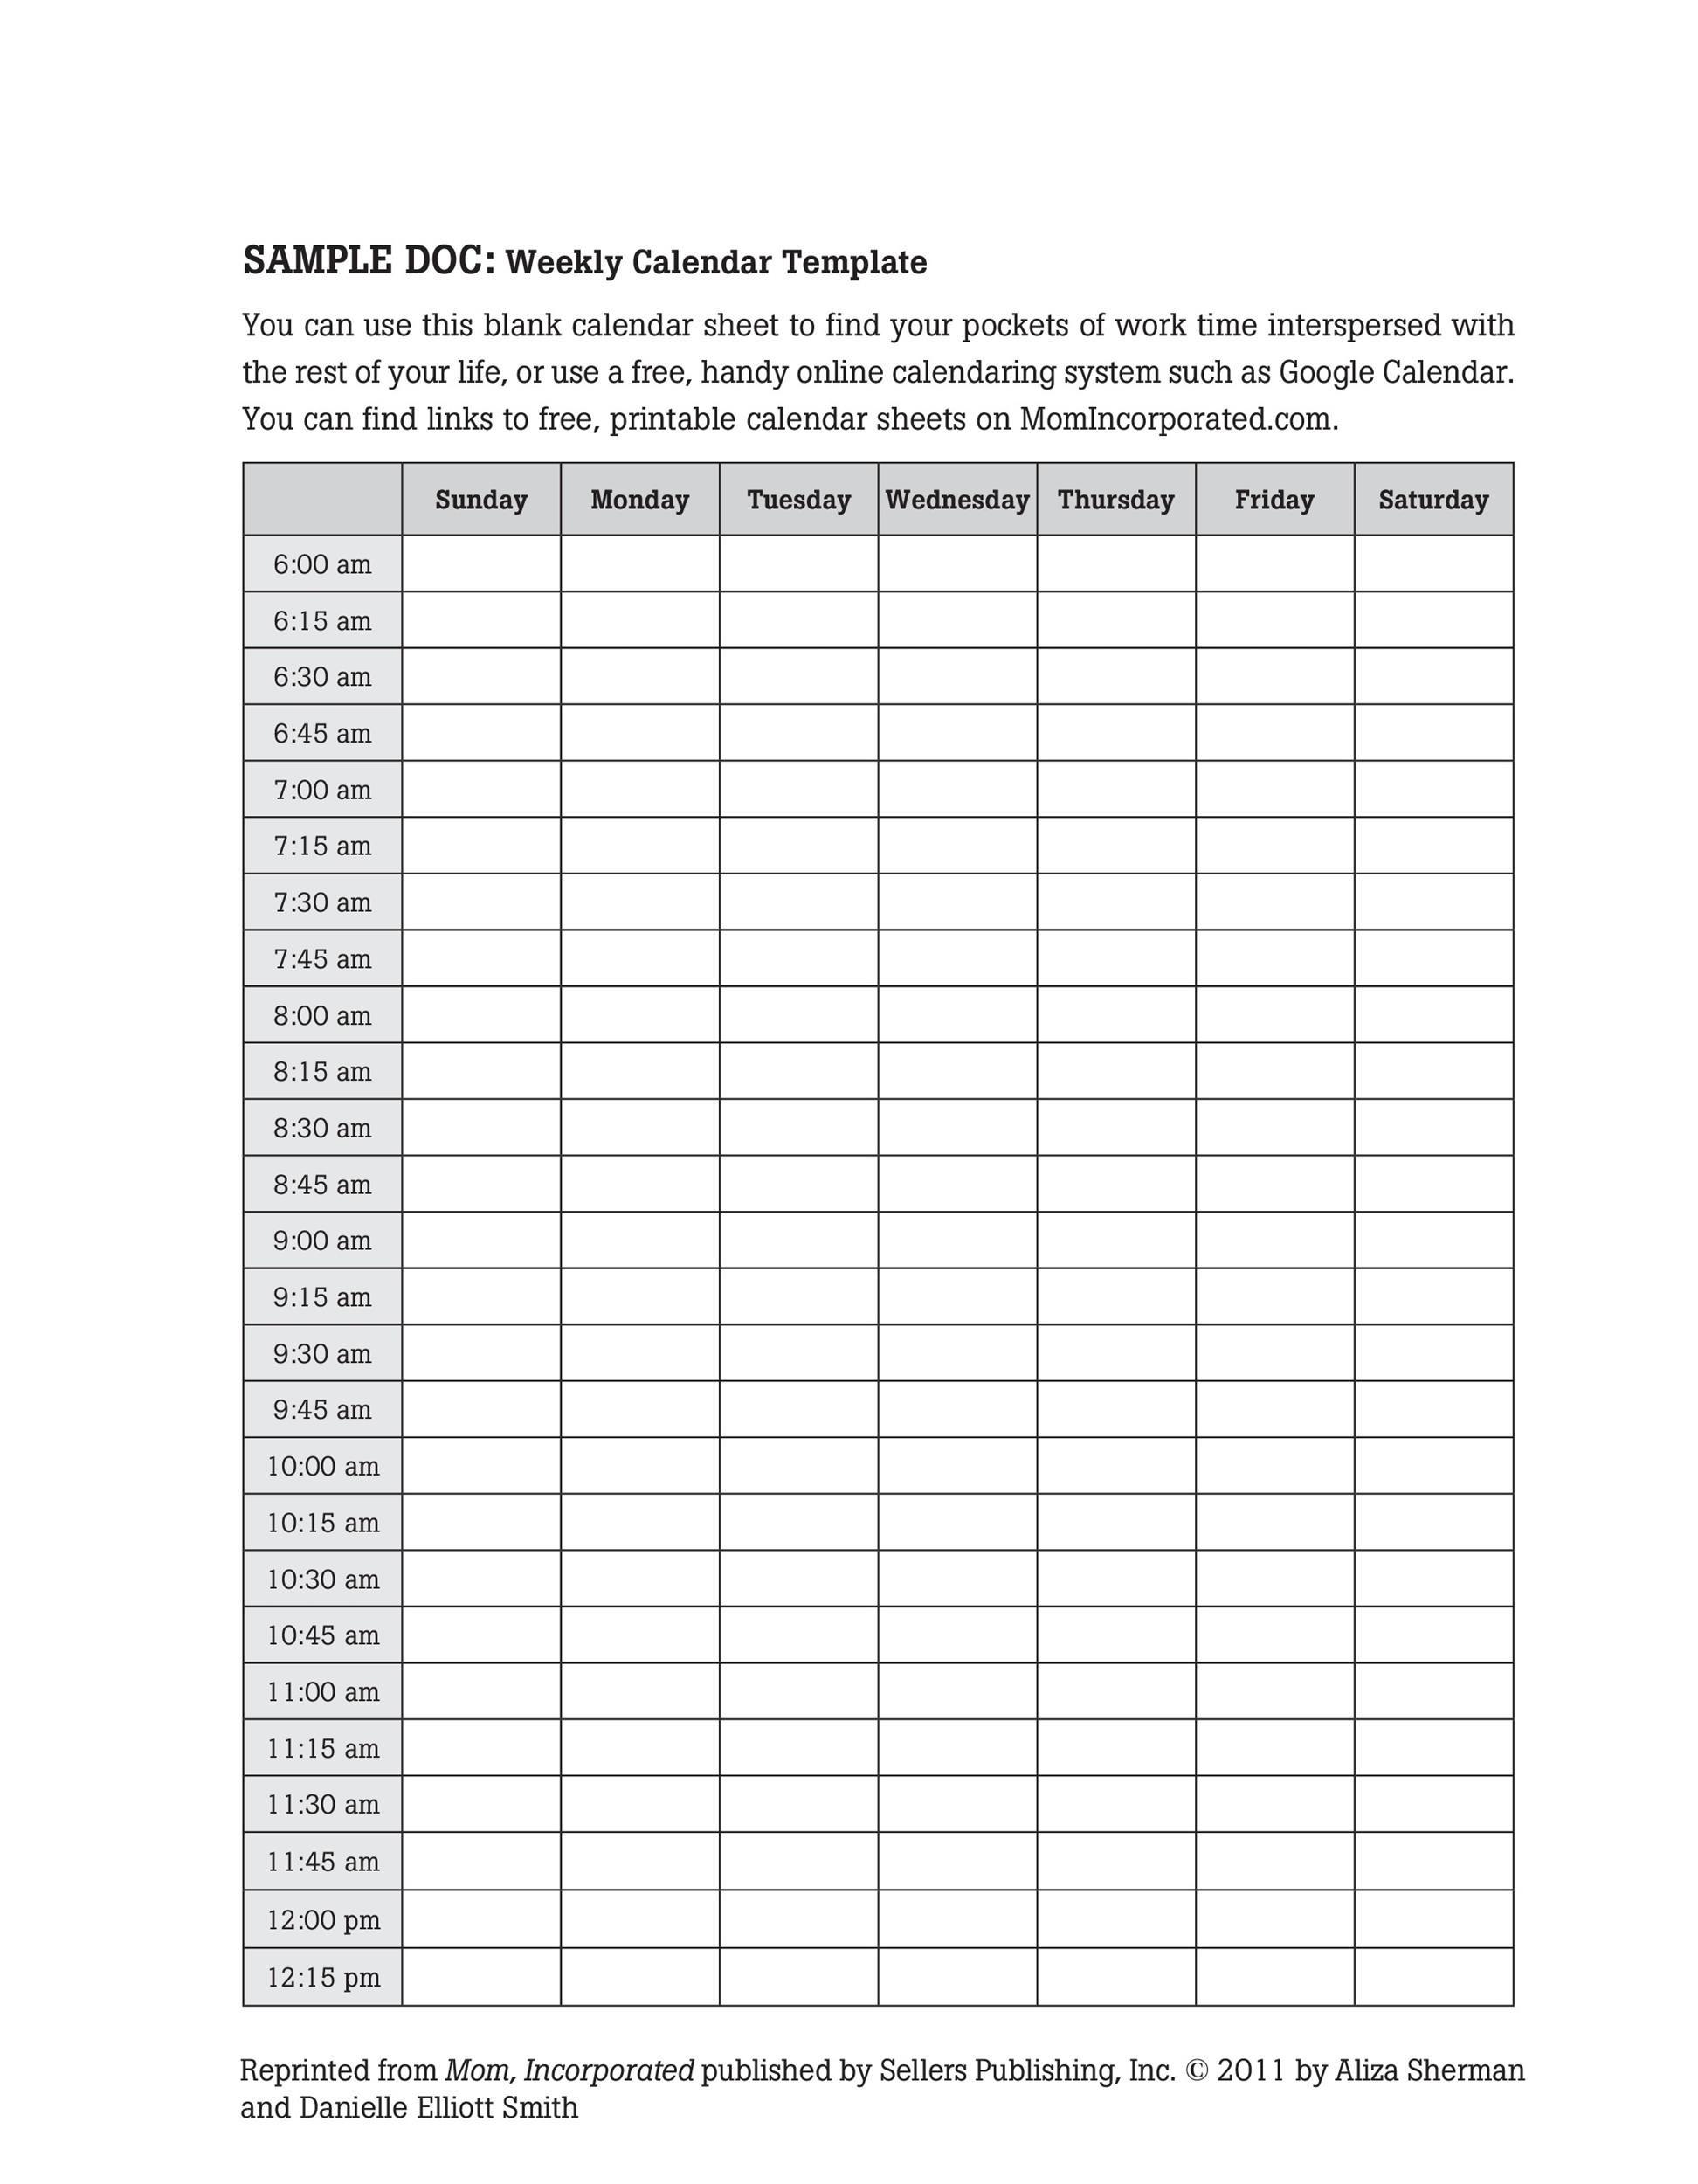 Free weekly calendar template 26